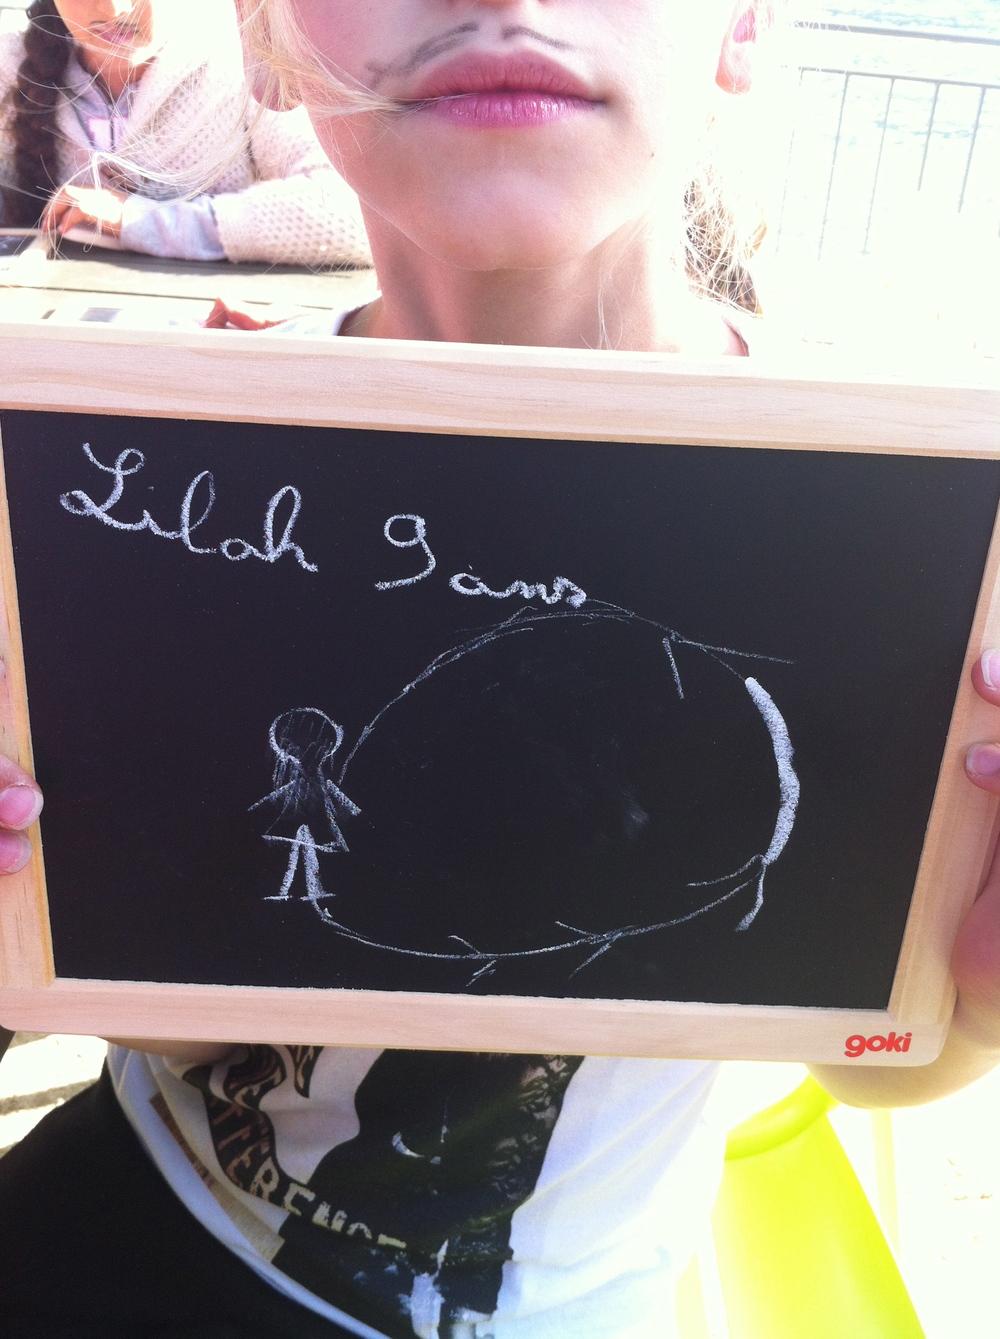 Lilah 9 ans souhaite réussir à faire une figure de patinage artistique